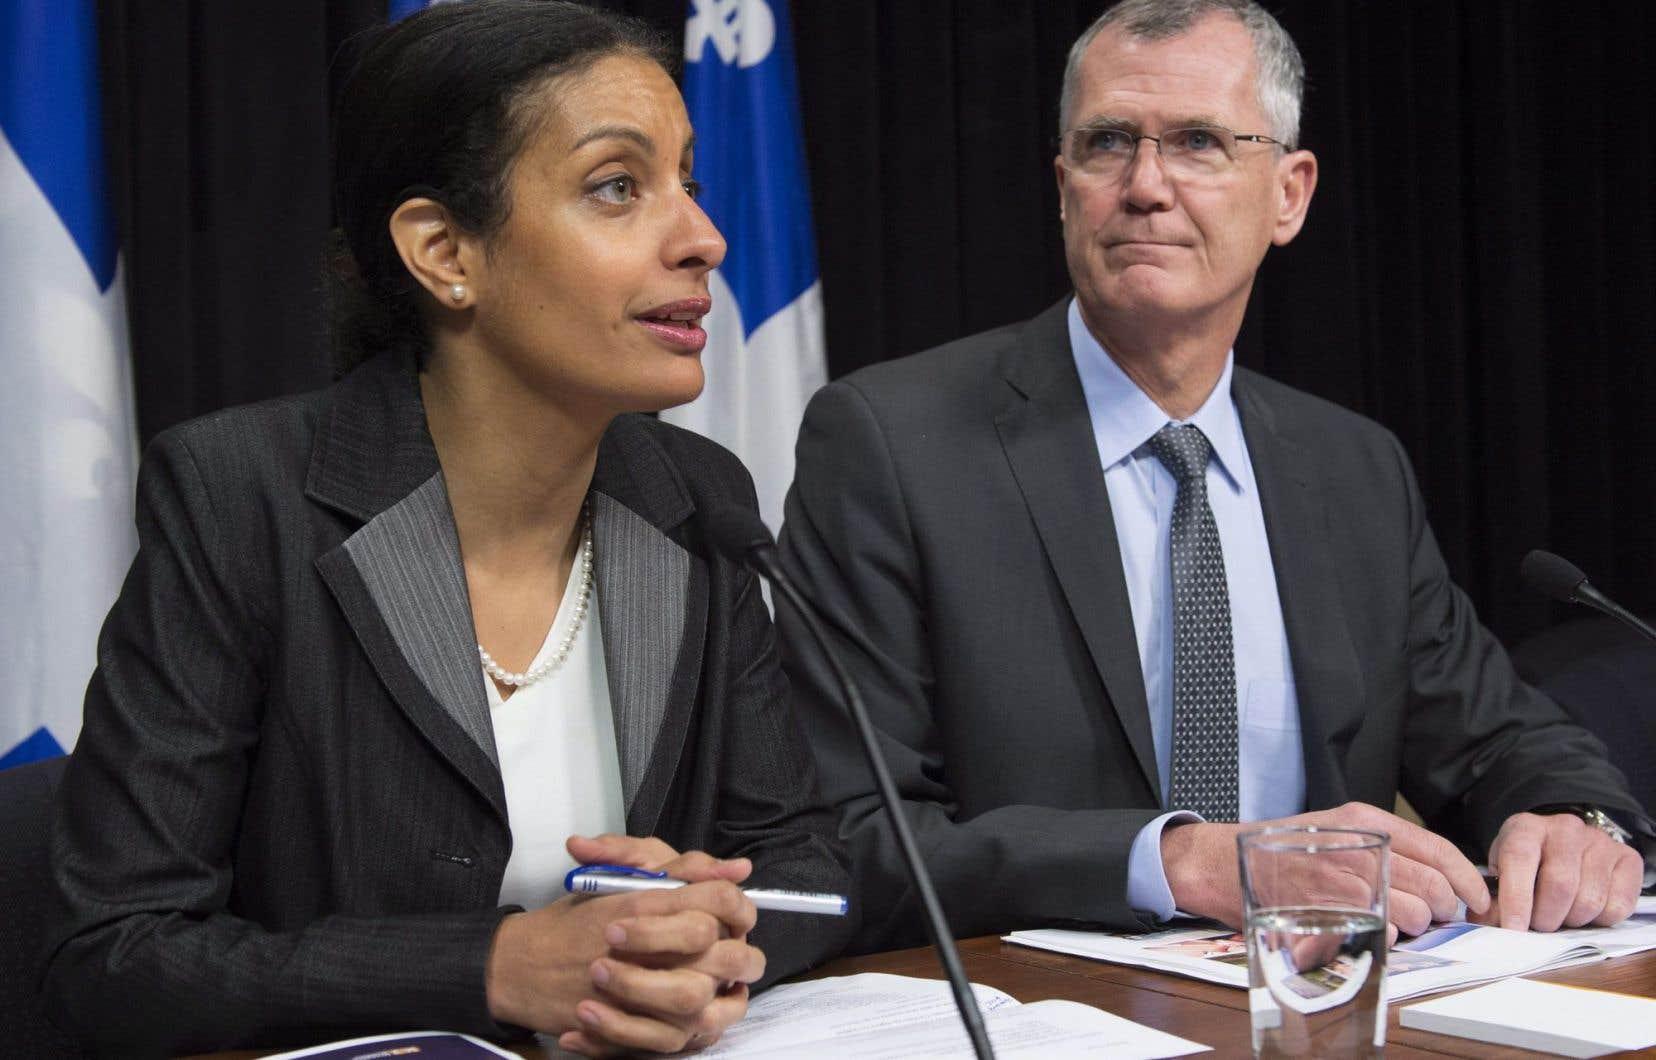 La ministre de l'Économie, Dominique Anglade, accompagnée du président d'Investissement Québec, Pierre Gabriel Côté, a énoncé jeudi les priorités du Québec en matière de développement économique.